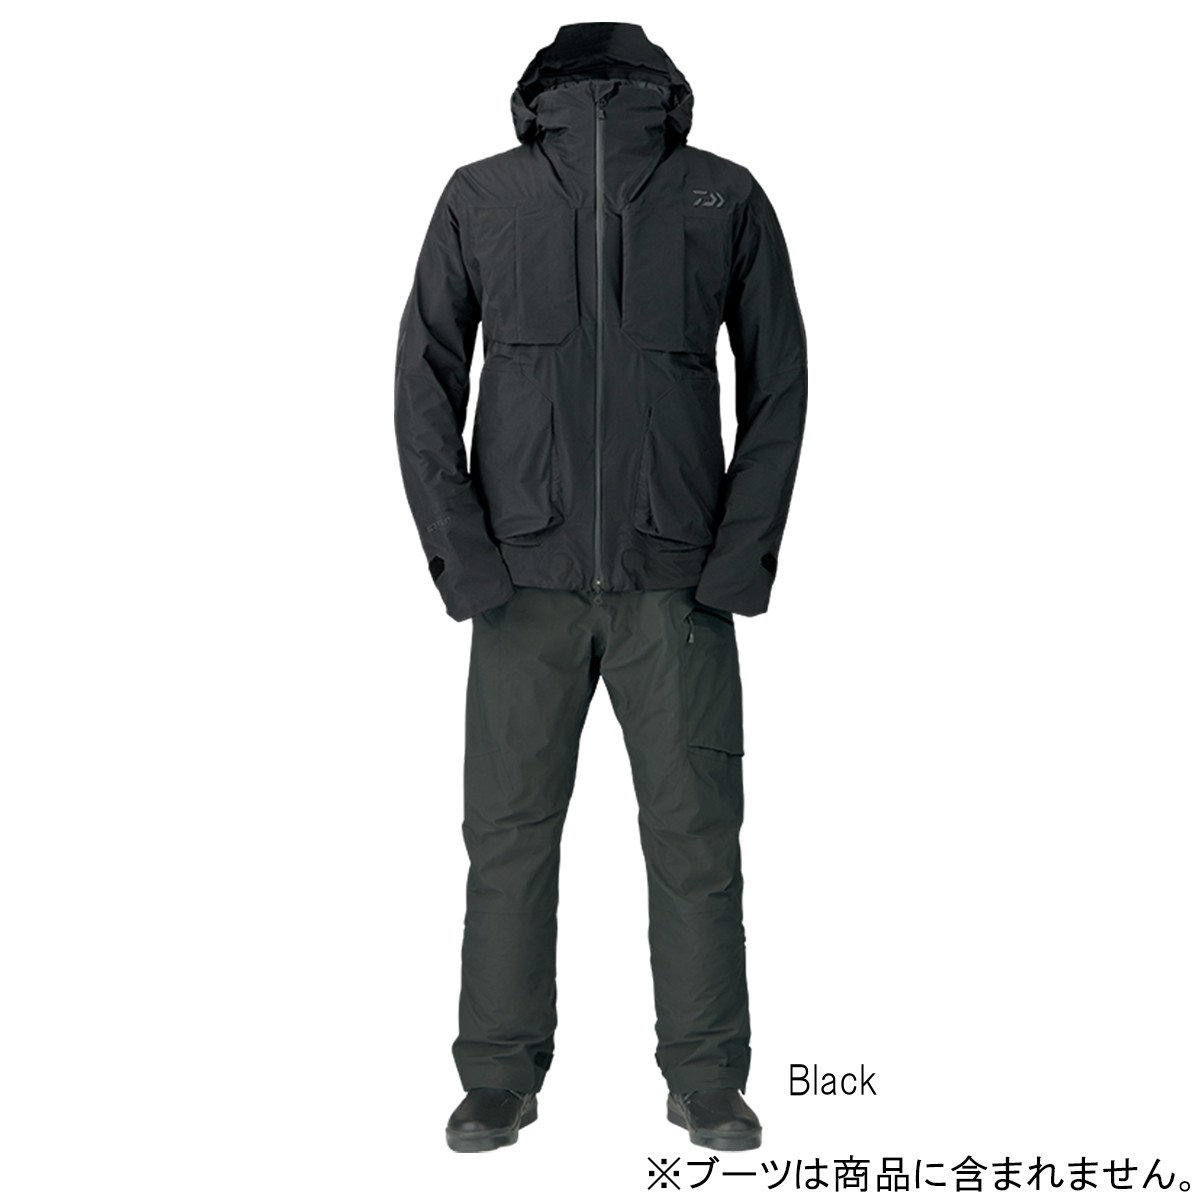 ダイワ ゴアテックス プロダクト ウィンタースーツ DW-1207 XL Black